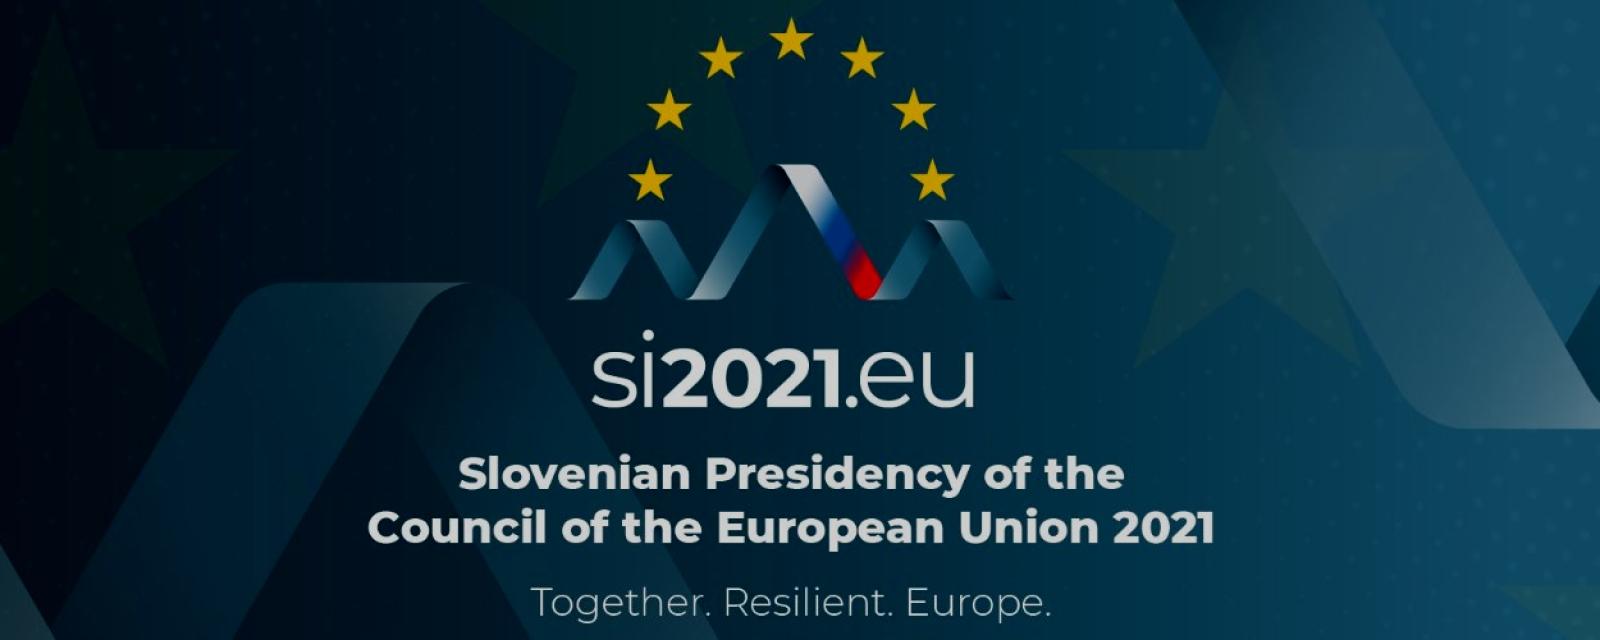 si2021-eu